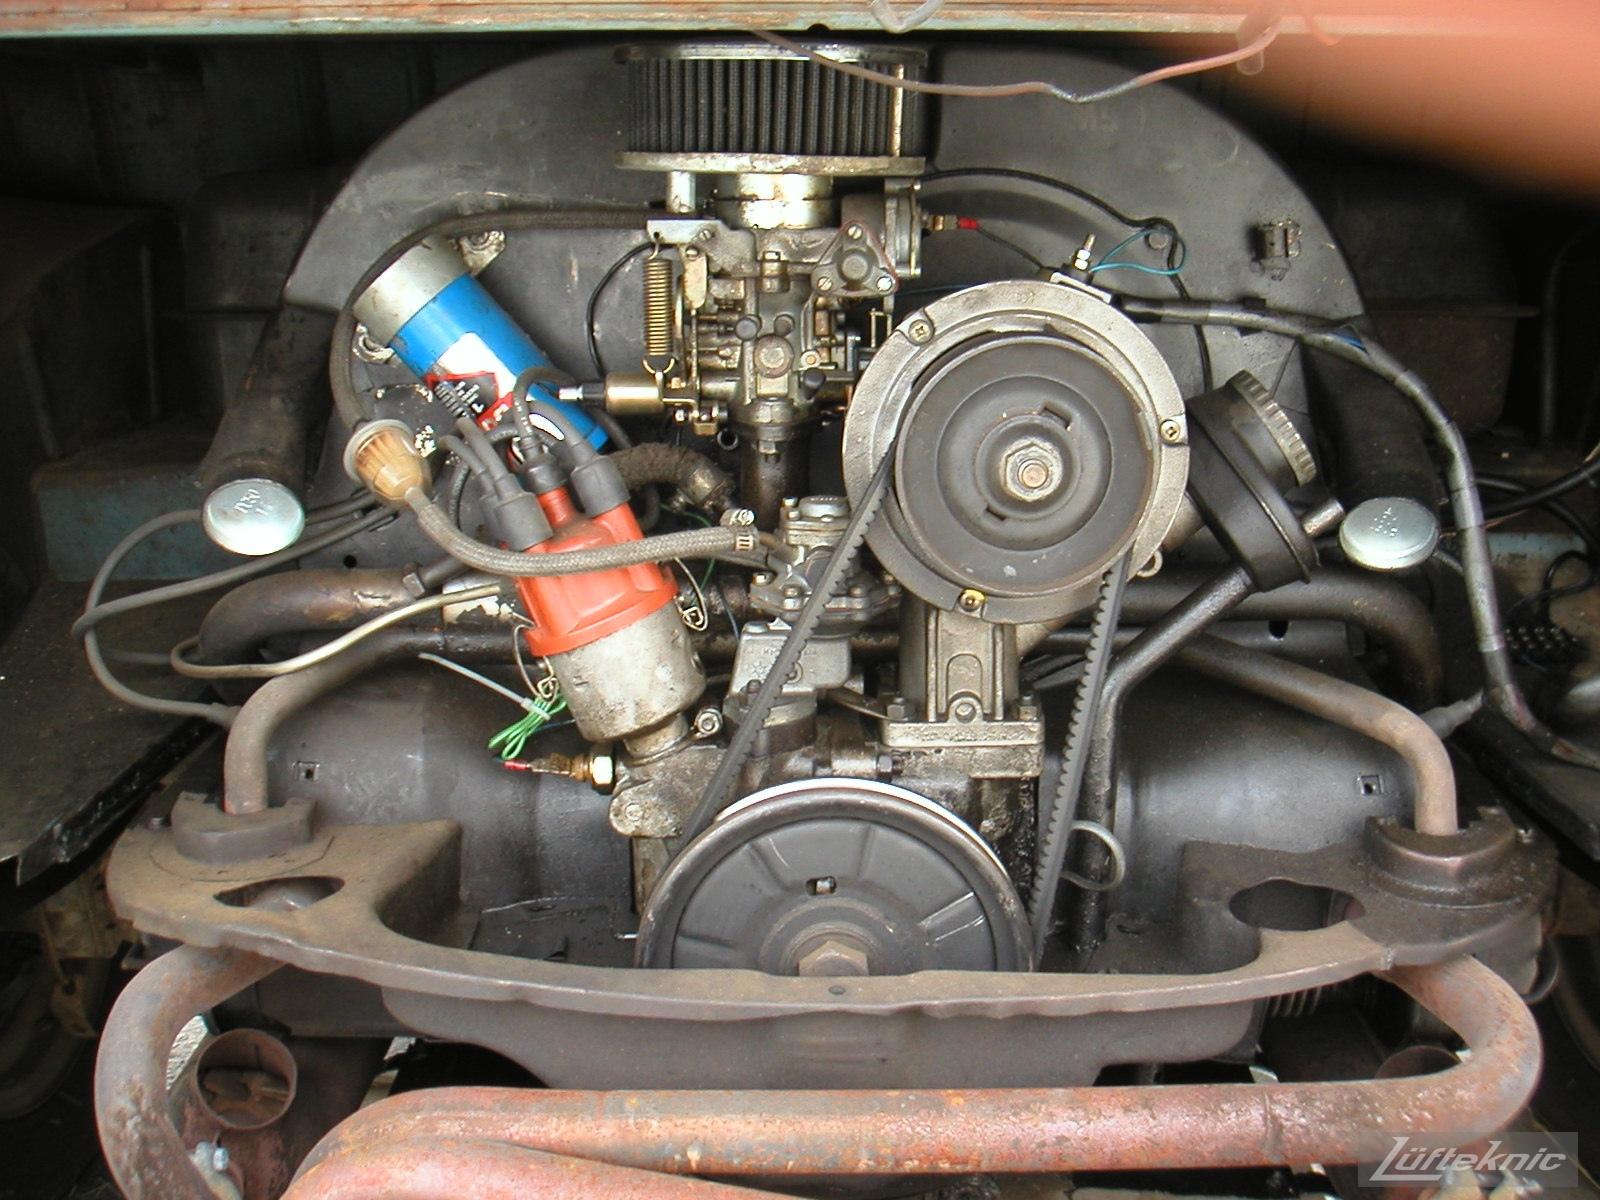 1956 Volkswagen double panel Transporter engine.